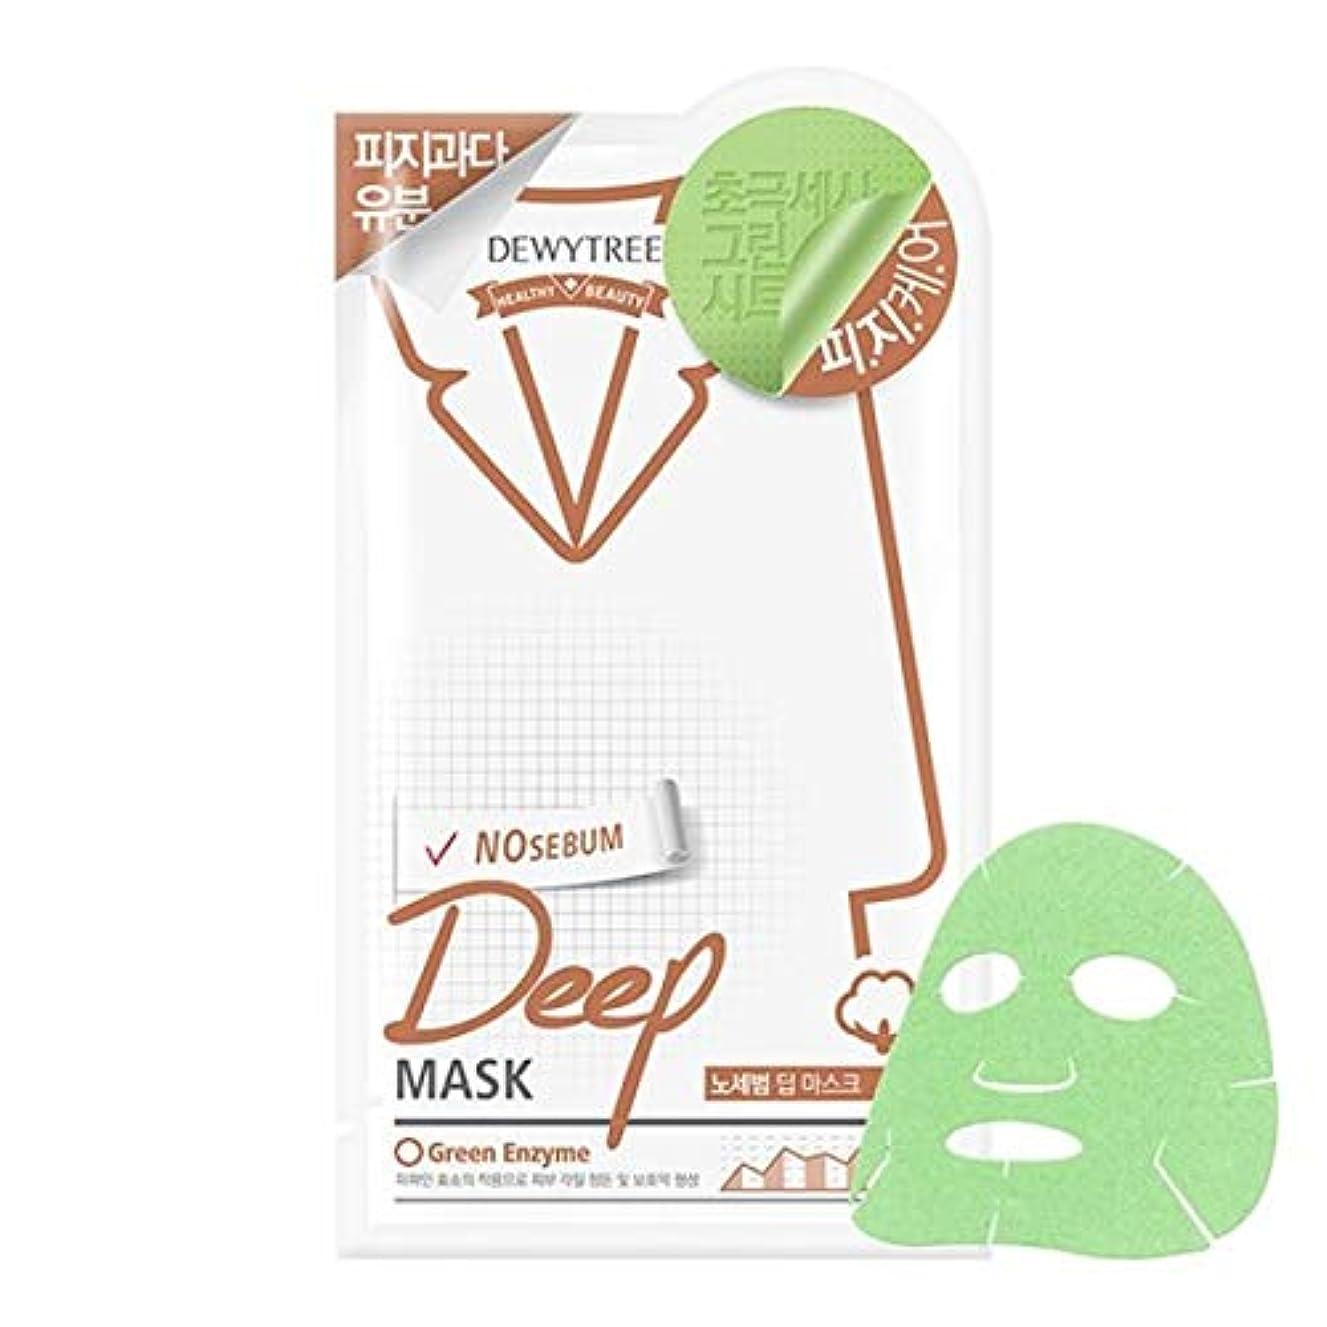 想像する頼るとげ(デューイトゥリー) DEWYTREE ノセボムディープマスク 20枚 Nosebum Deep Mask 韓国マスクパック (並行輸入品)